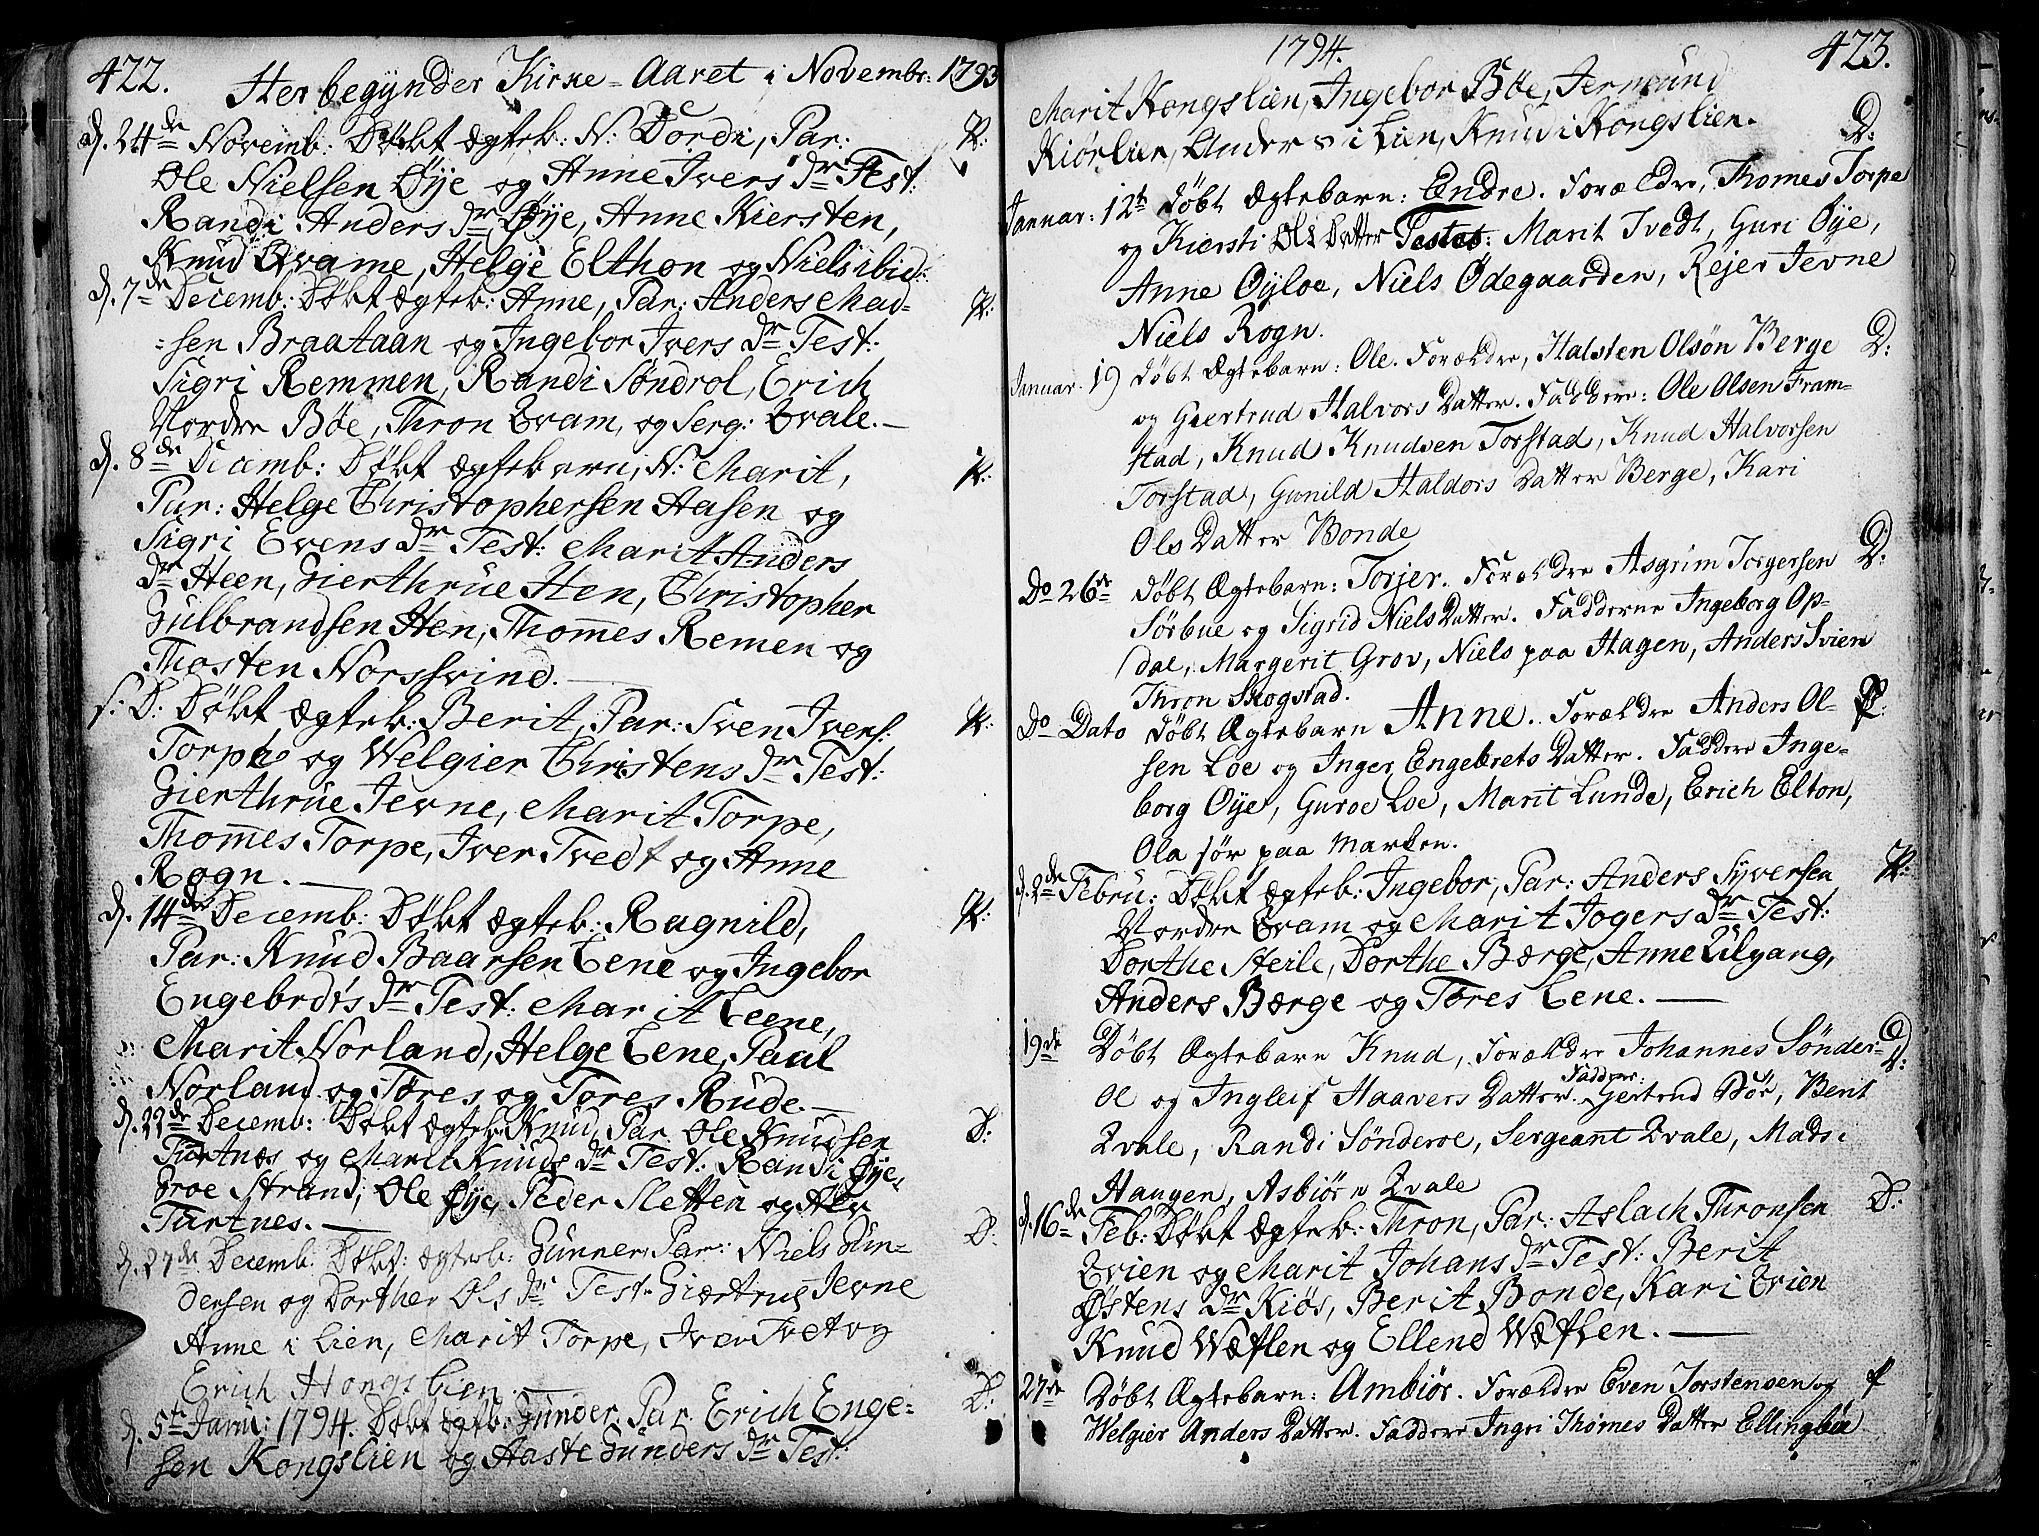 SAH, Vang prestekontor, Valdres, Ministerialbok nr. 1, 1730-1796, s. 422-423